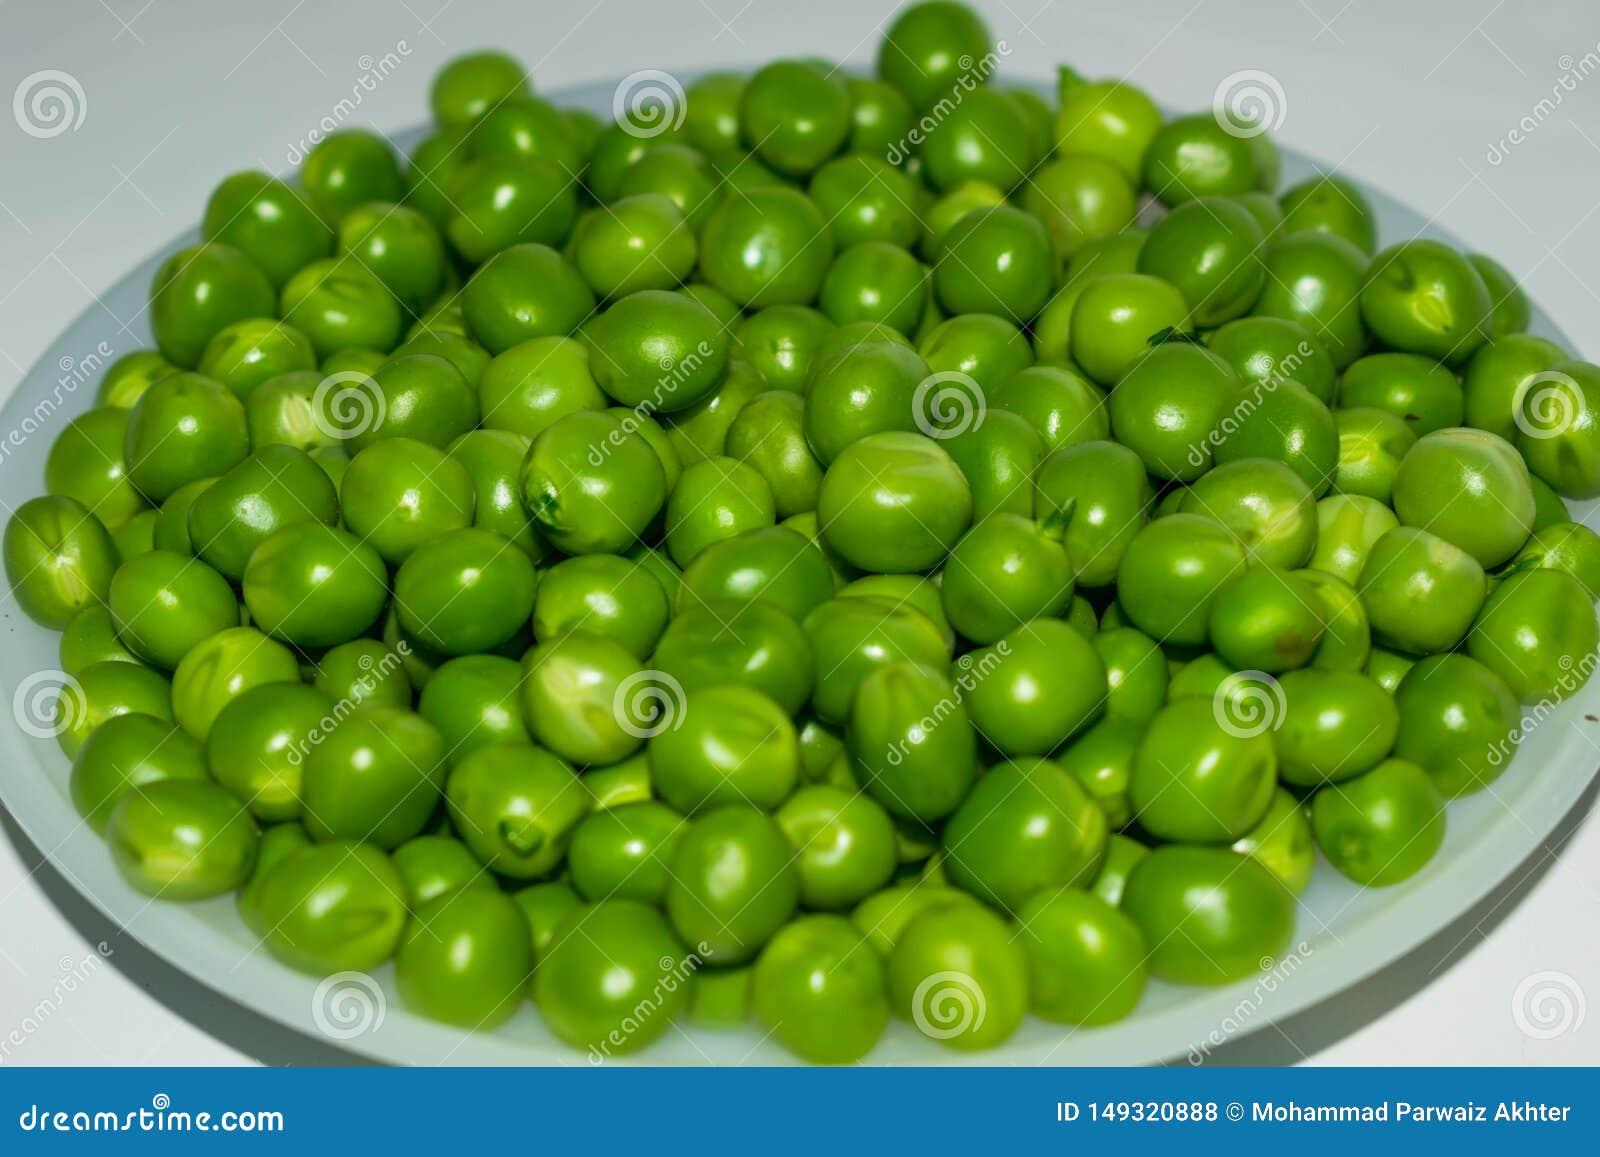 Vaina de guisante verde, guisantes verdes en un cuenco blanco